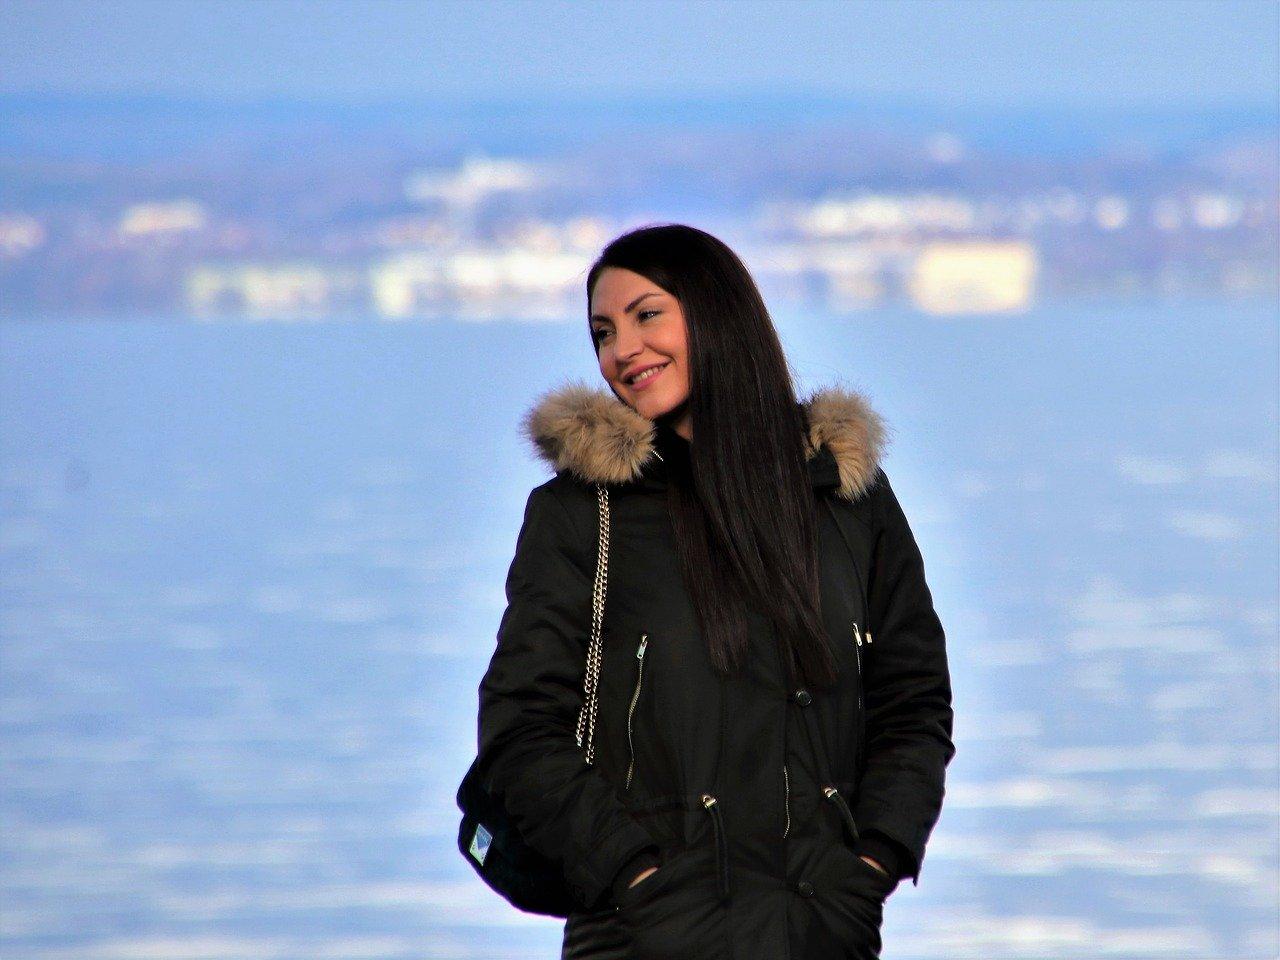 湖岸に立つ優しげな女性